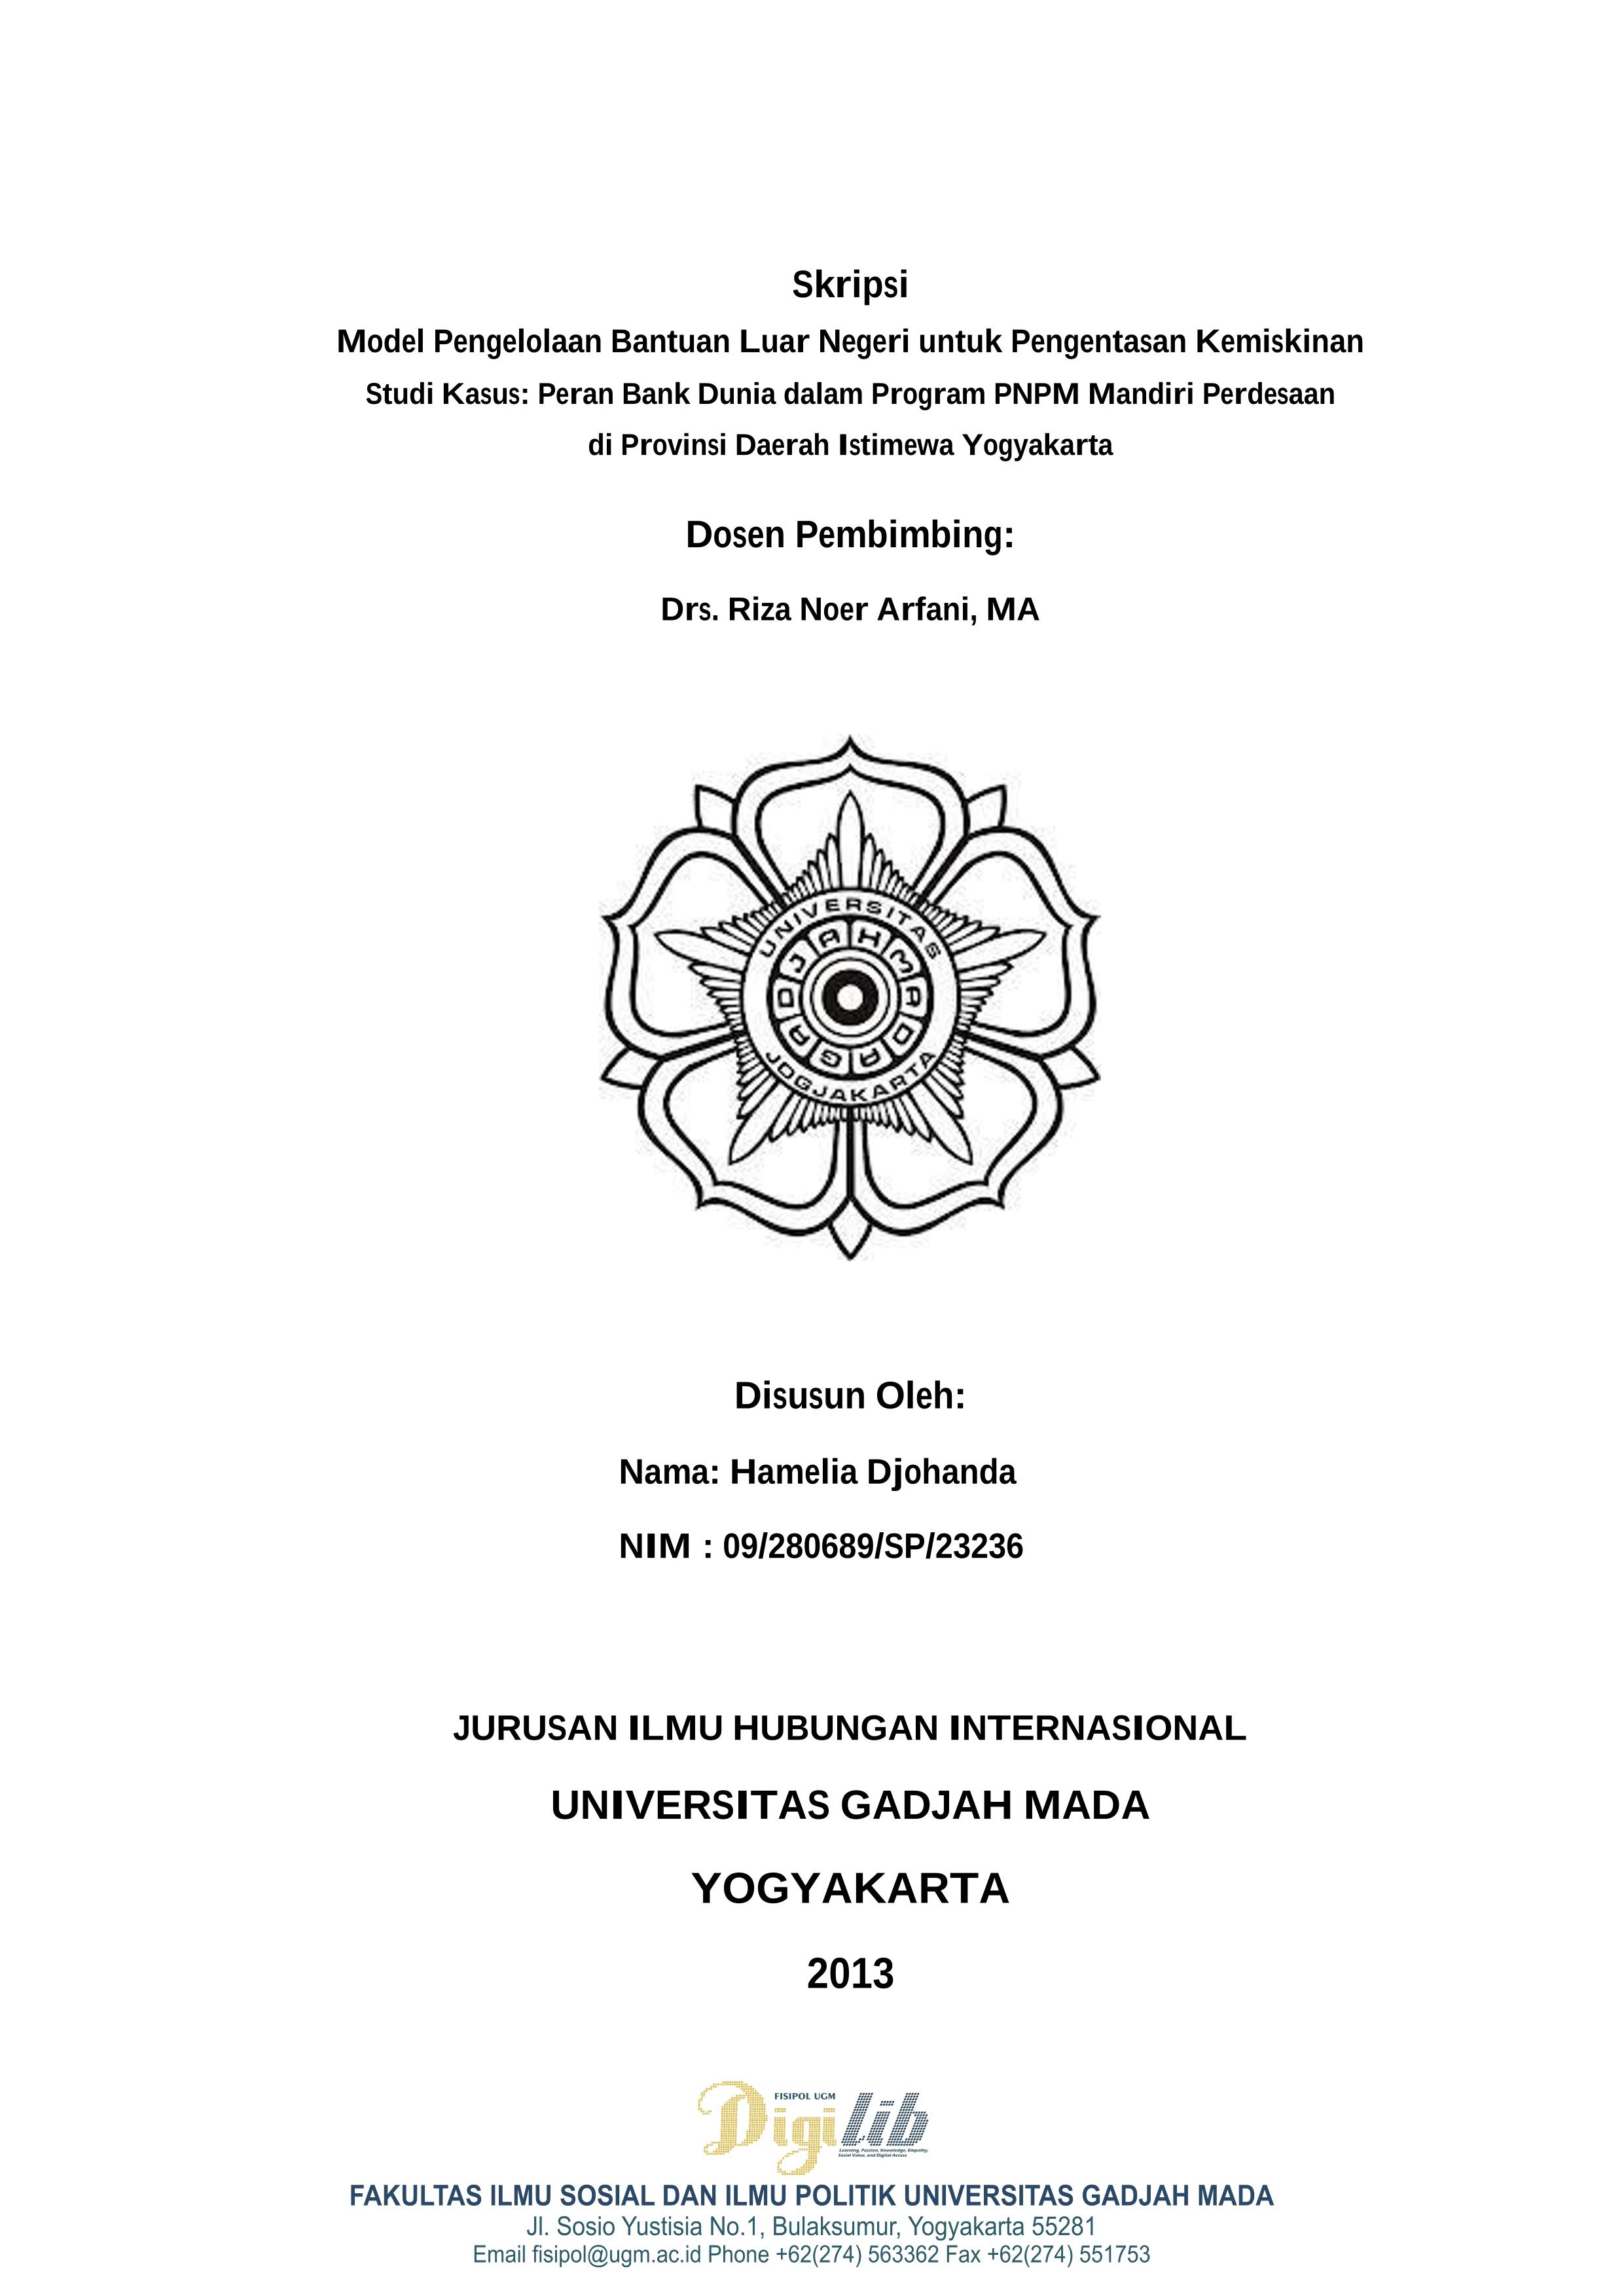 Digilib Fisipol Ugm Yogyakarta Indonesia Learning Passion Knowledge Empathy Social Value And Digital Access Model Pengelolaan Bantuan Luar Negeri Untuk Pengentasan Kemiskinan Studi Kasus Peran Bank Dunia Dalam Program Pnpm